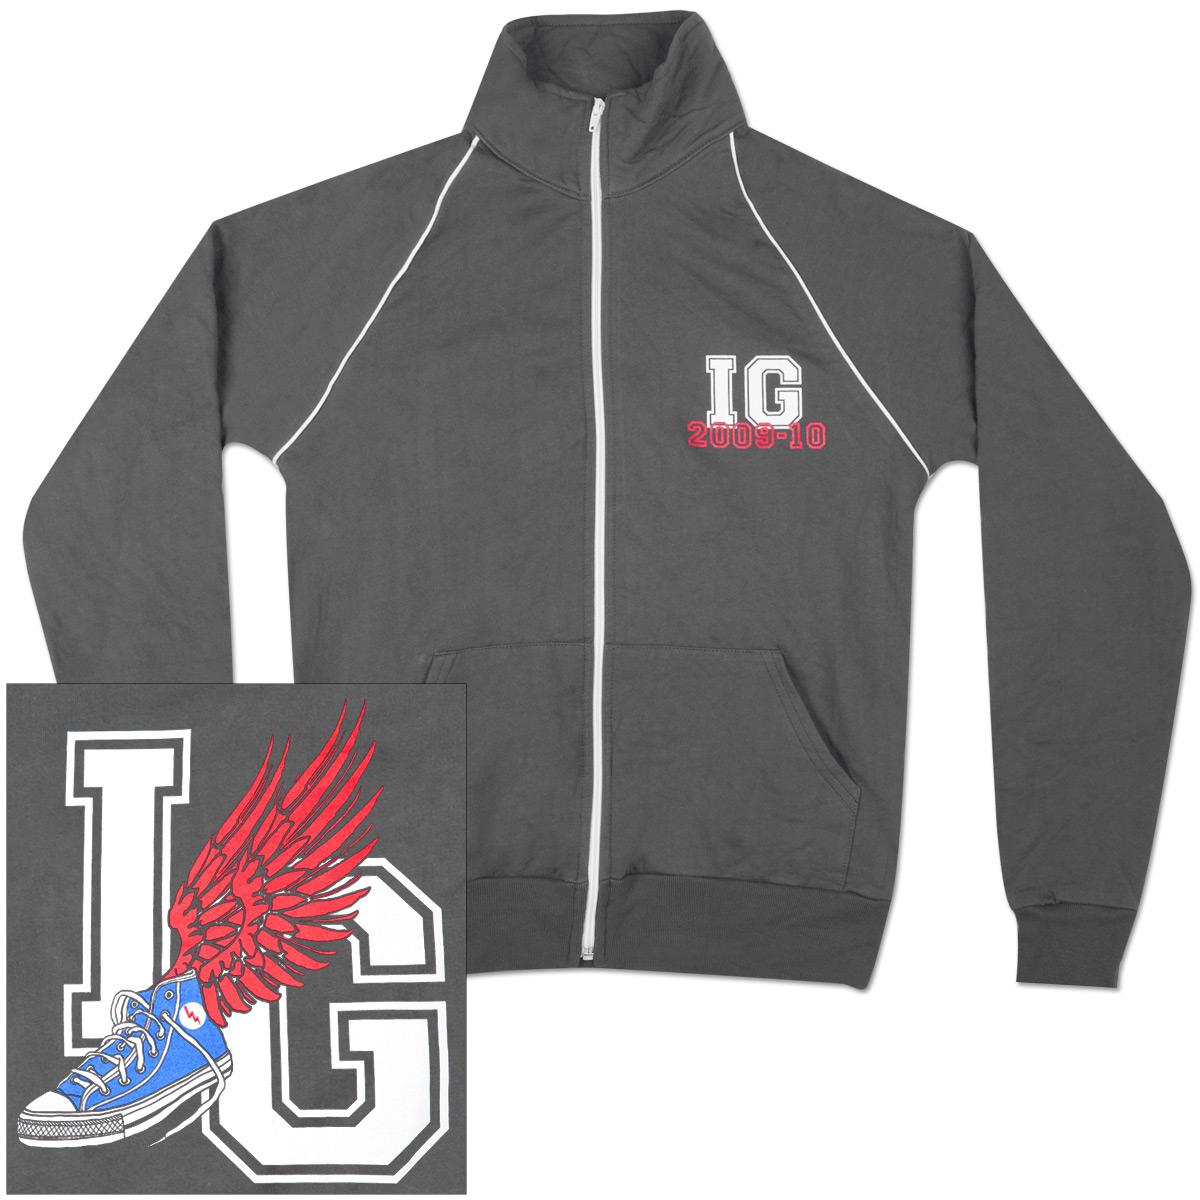 2009-2010 Track Jacket